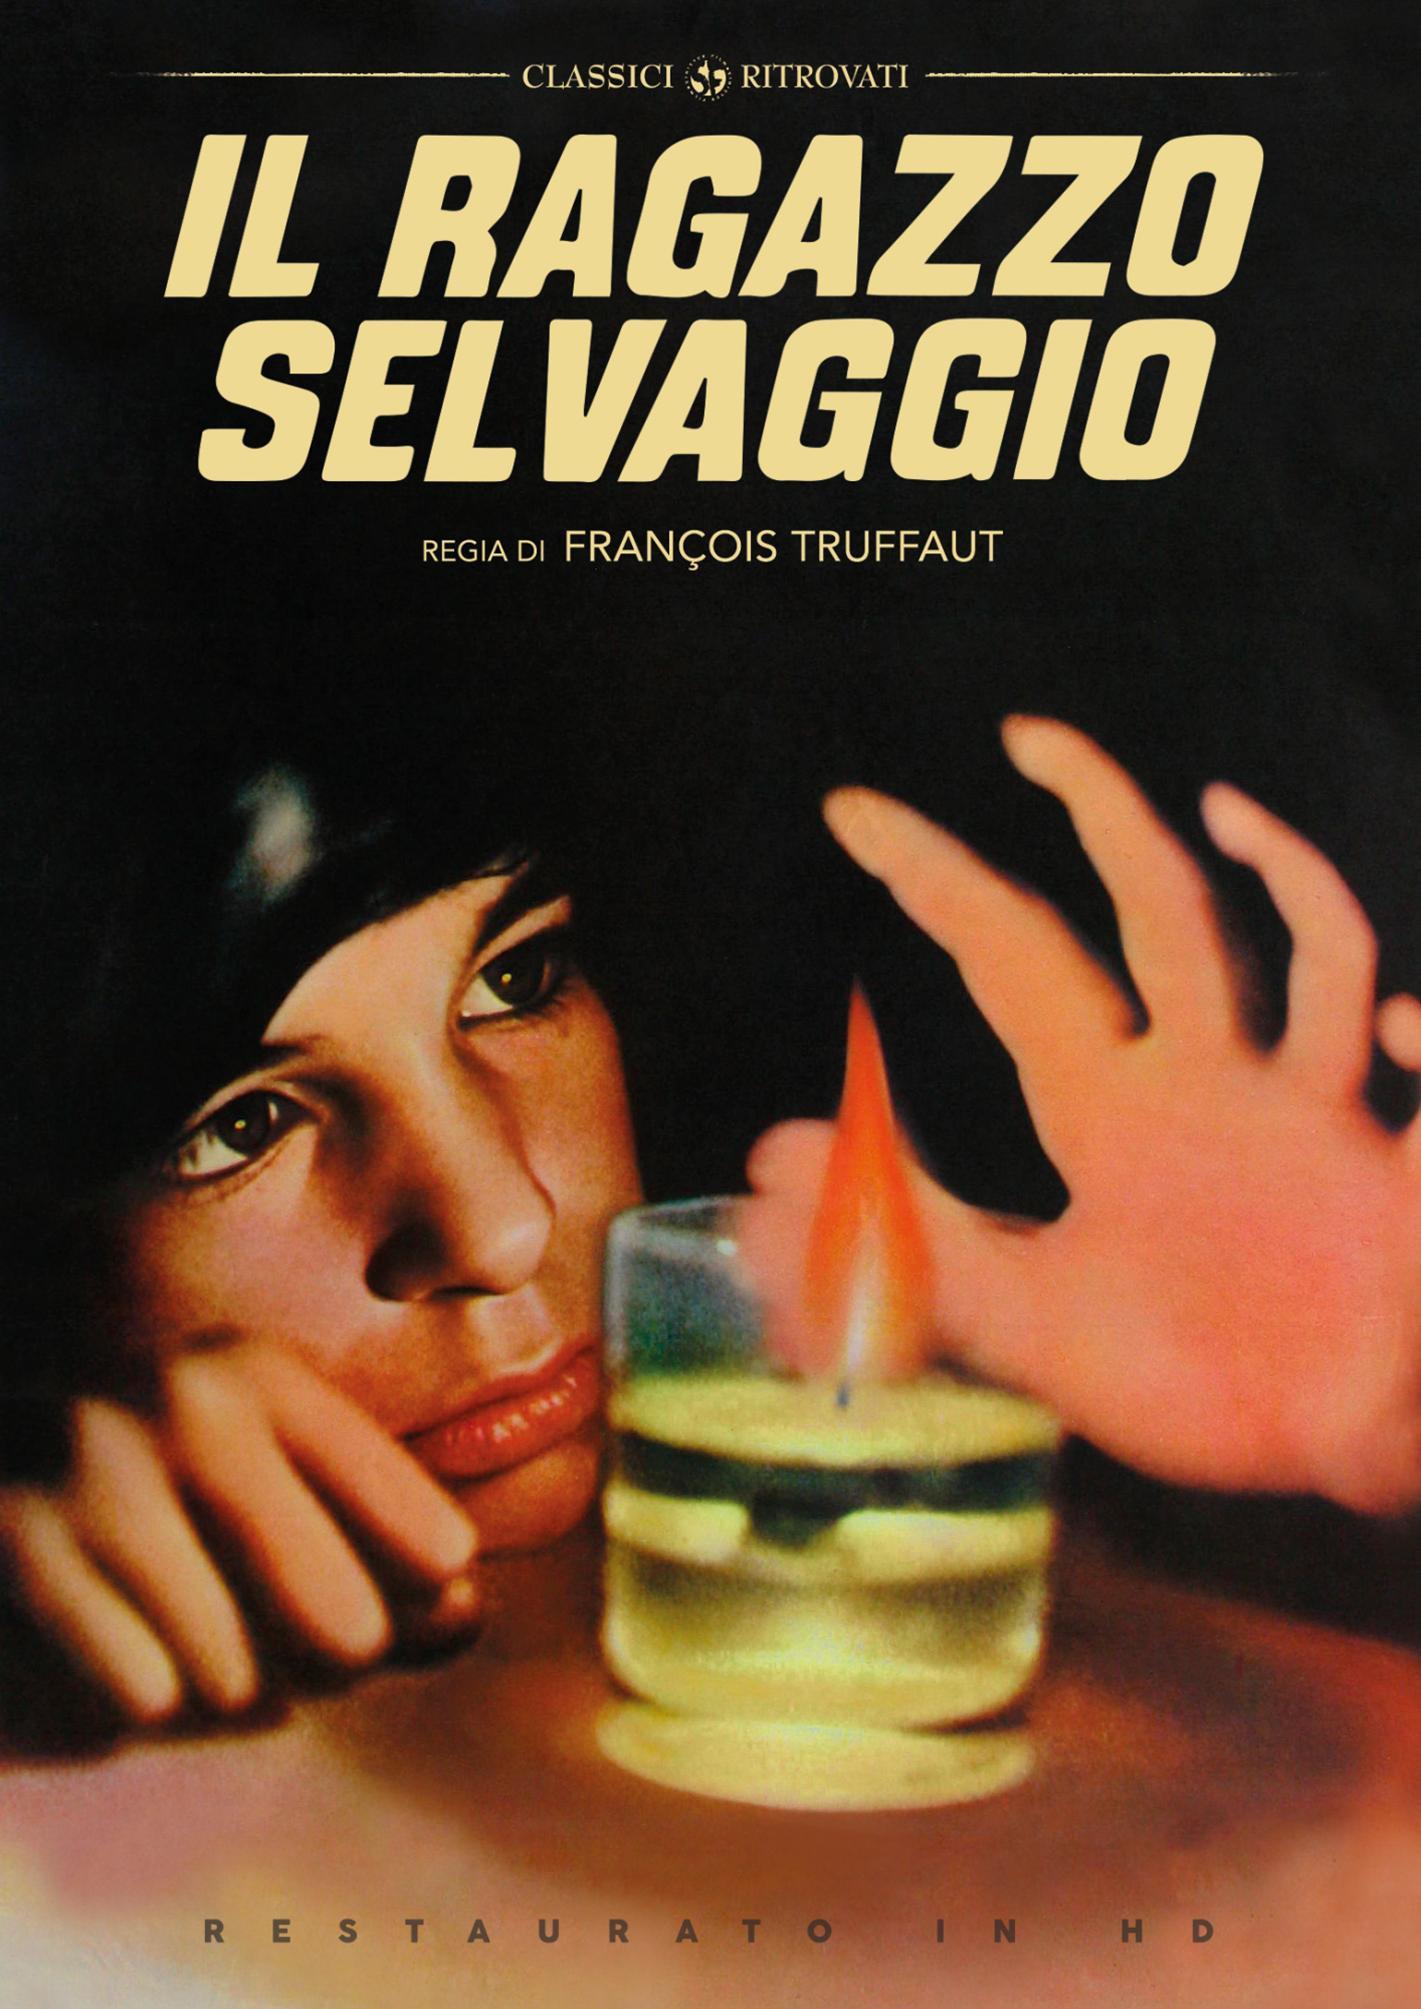 IL RAGAZZO SELVAGGIO (RESTAURATO IN HD) (DVD)